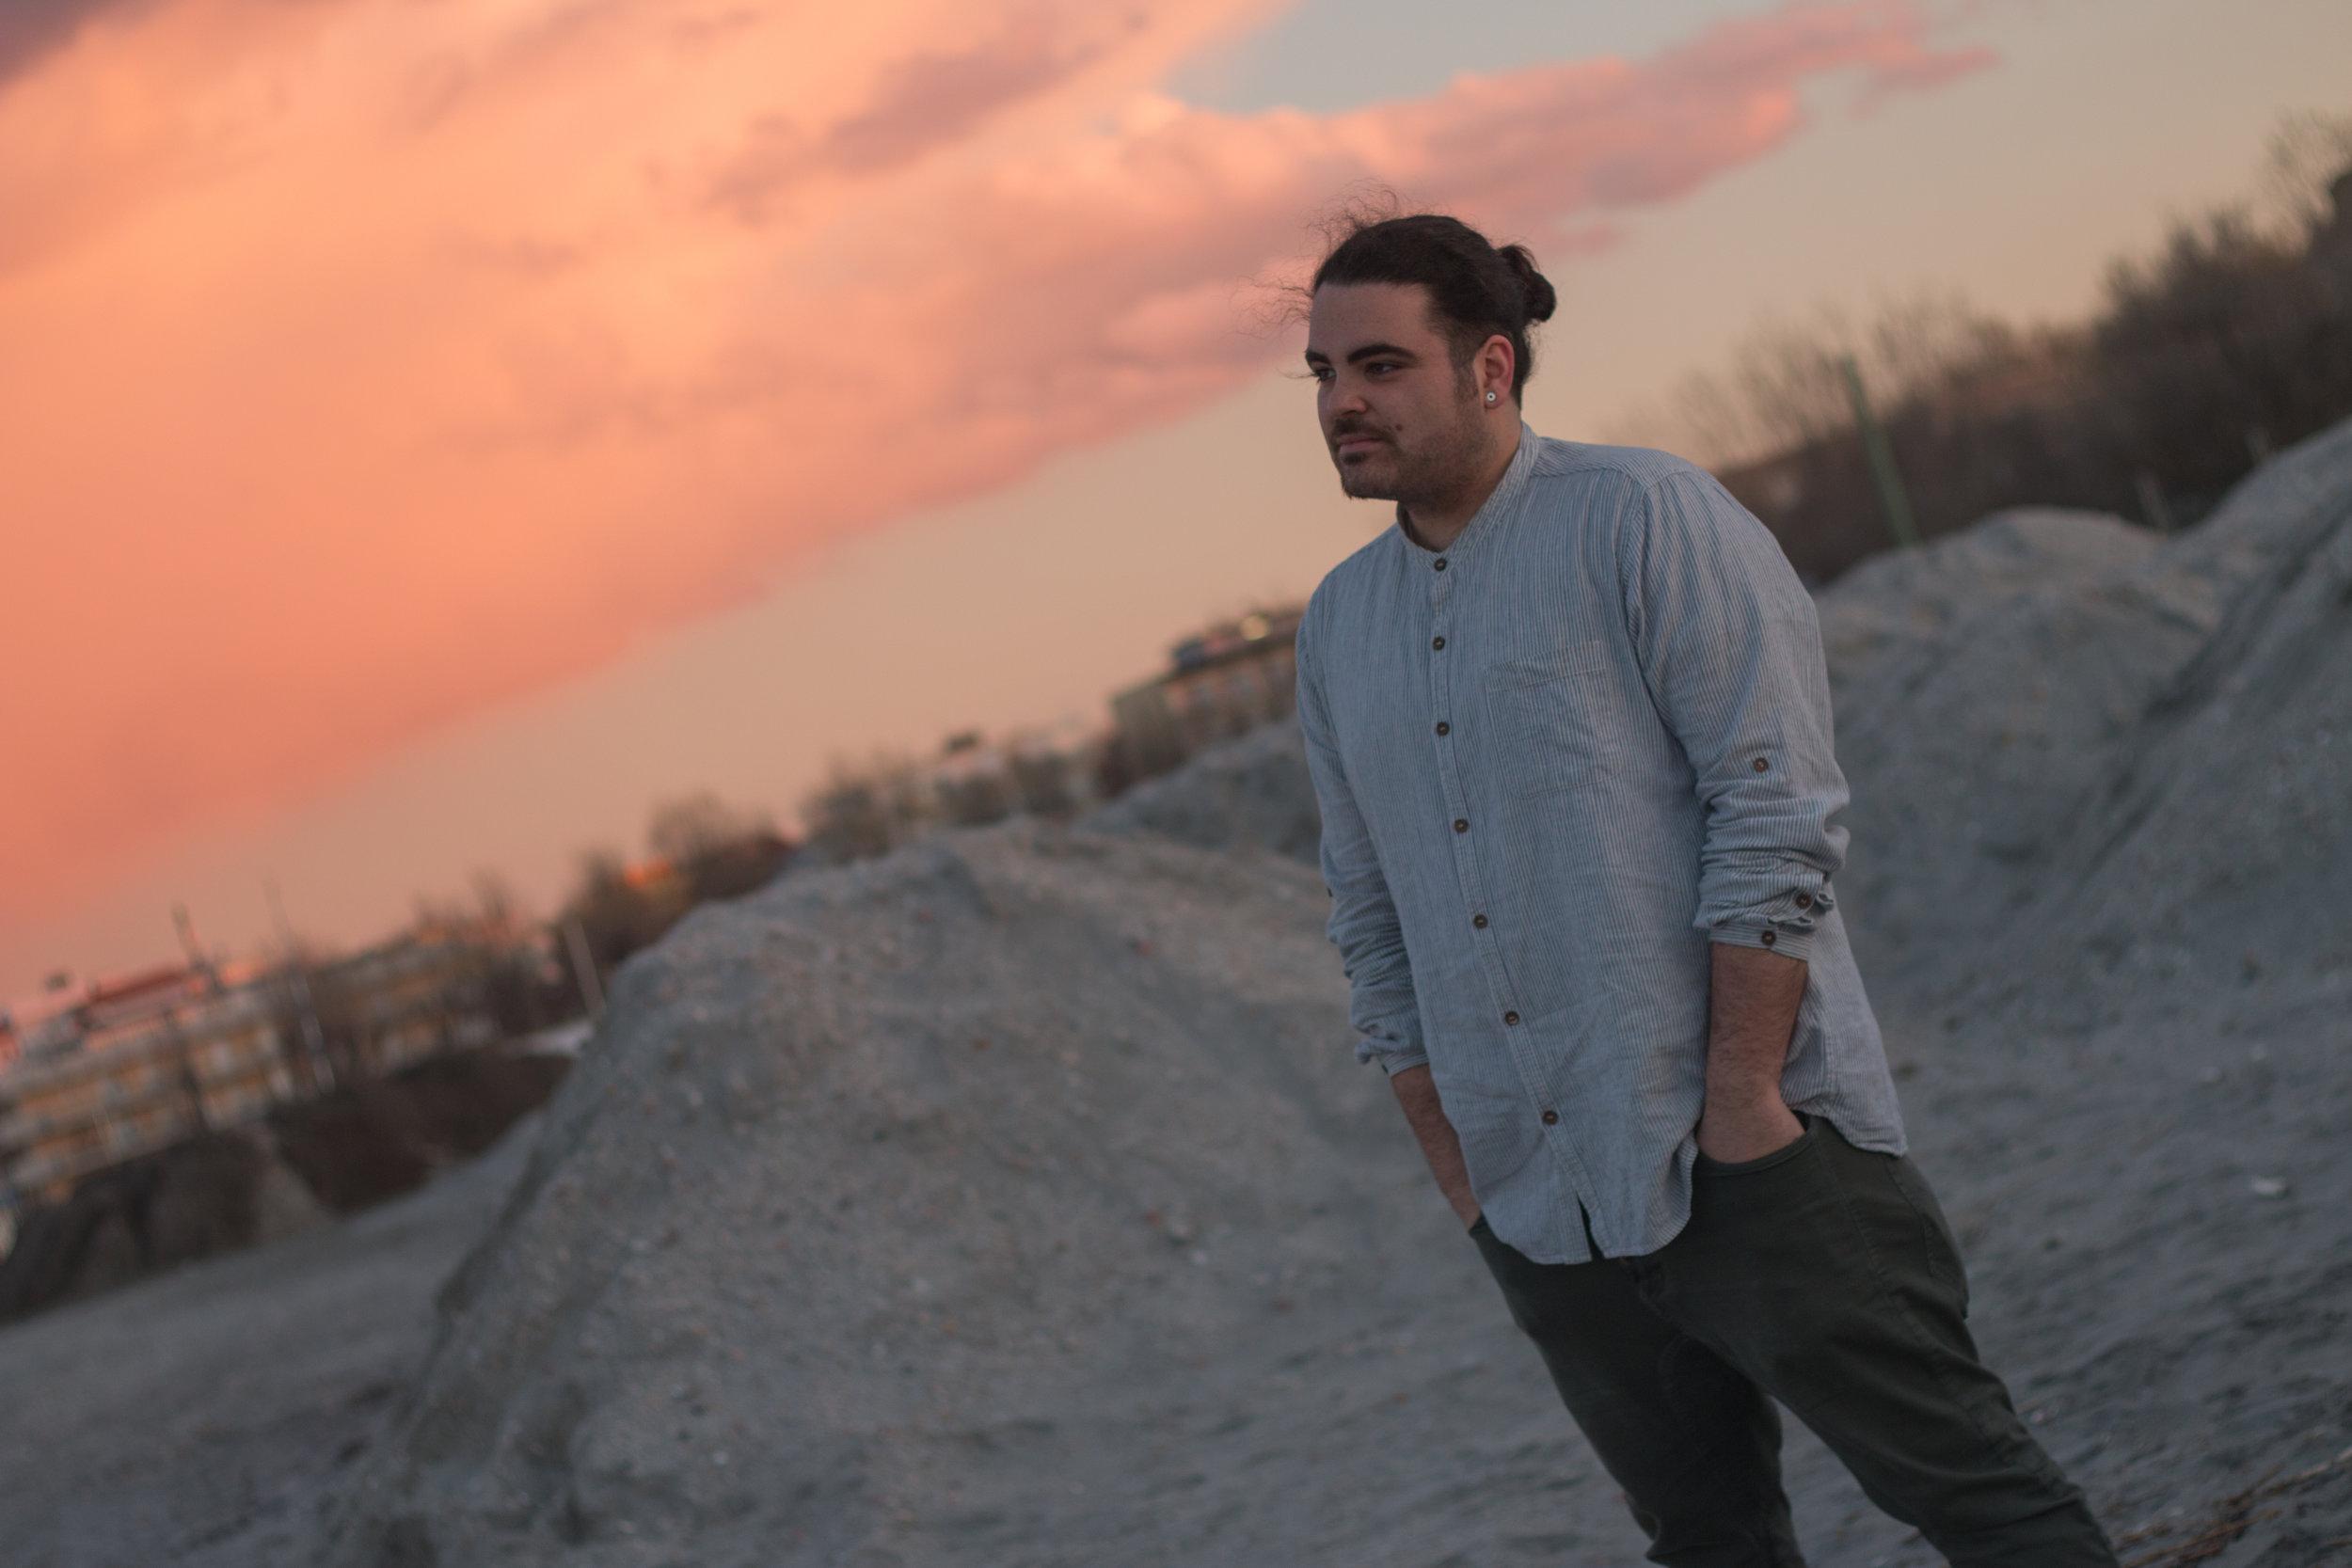 La pandemia non ferma l'arte, Albani pubblica il nuovo singolo